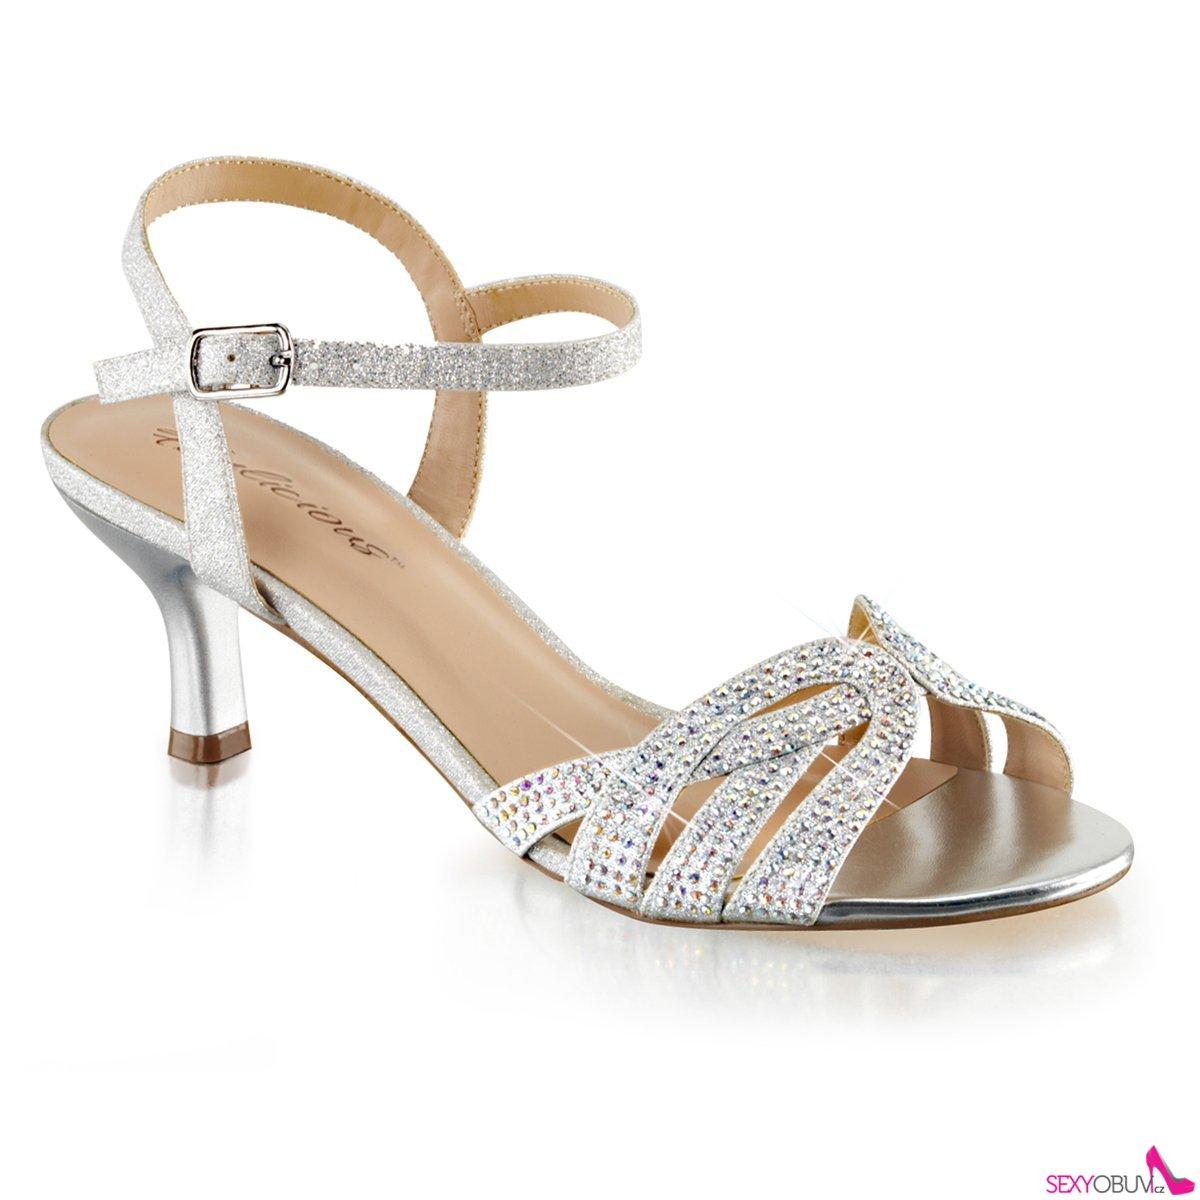 8cac468f79e AUDREY-03 Stříbrné společenské sandály na nízkém podpatku